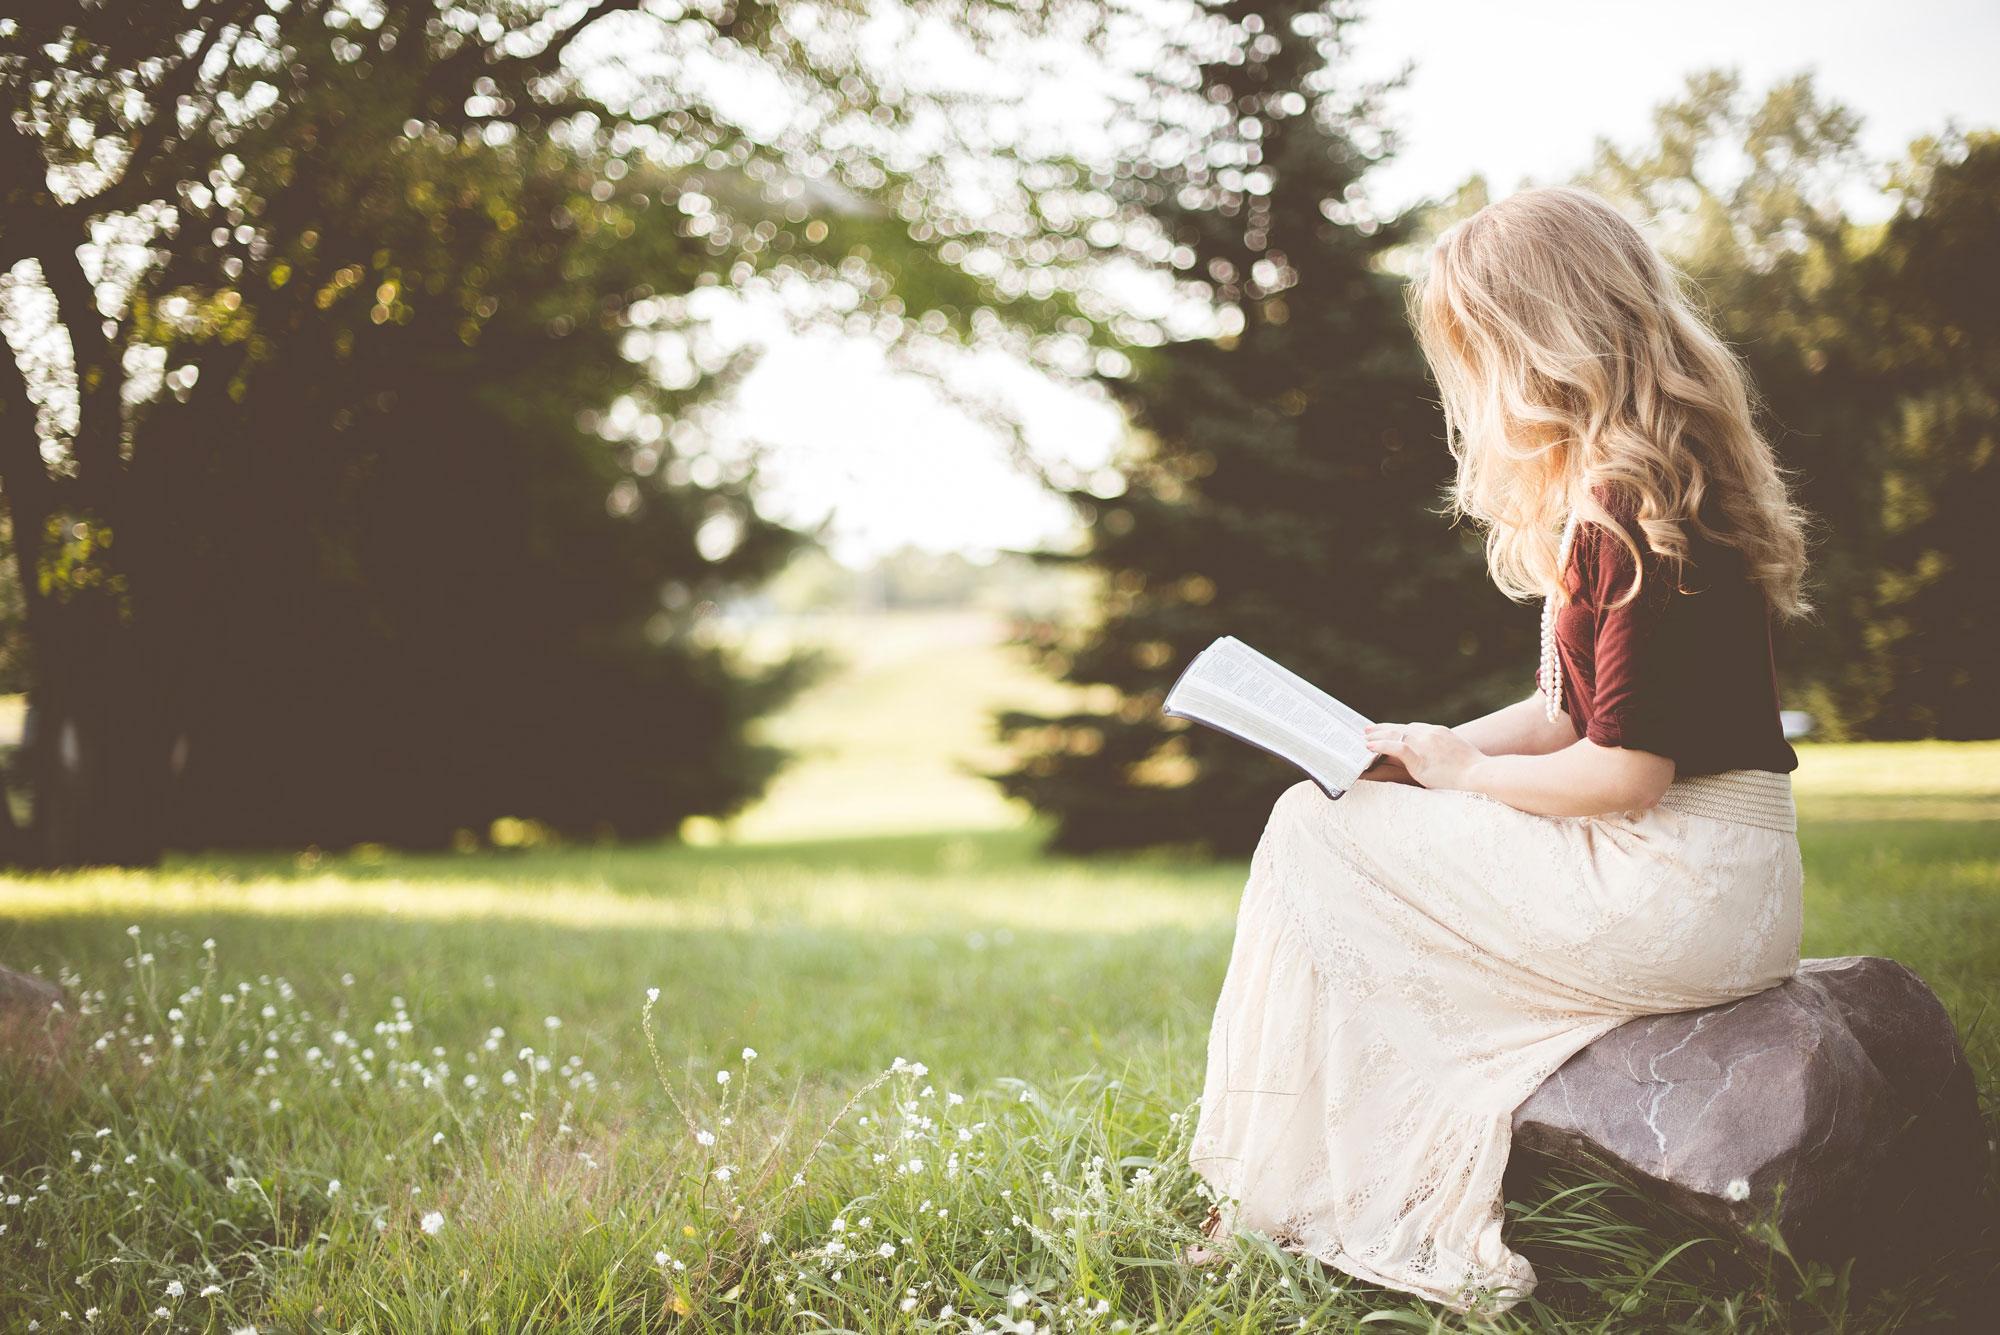 Życie w samotności, jak być szczęśliwym samemu?